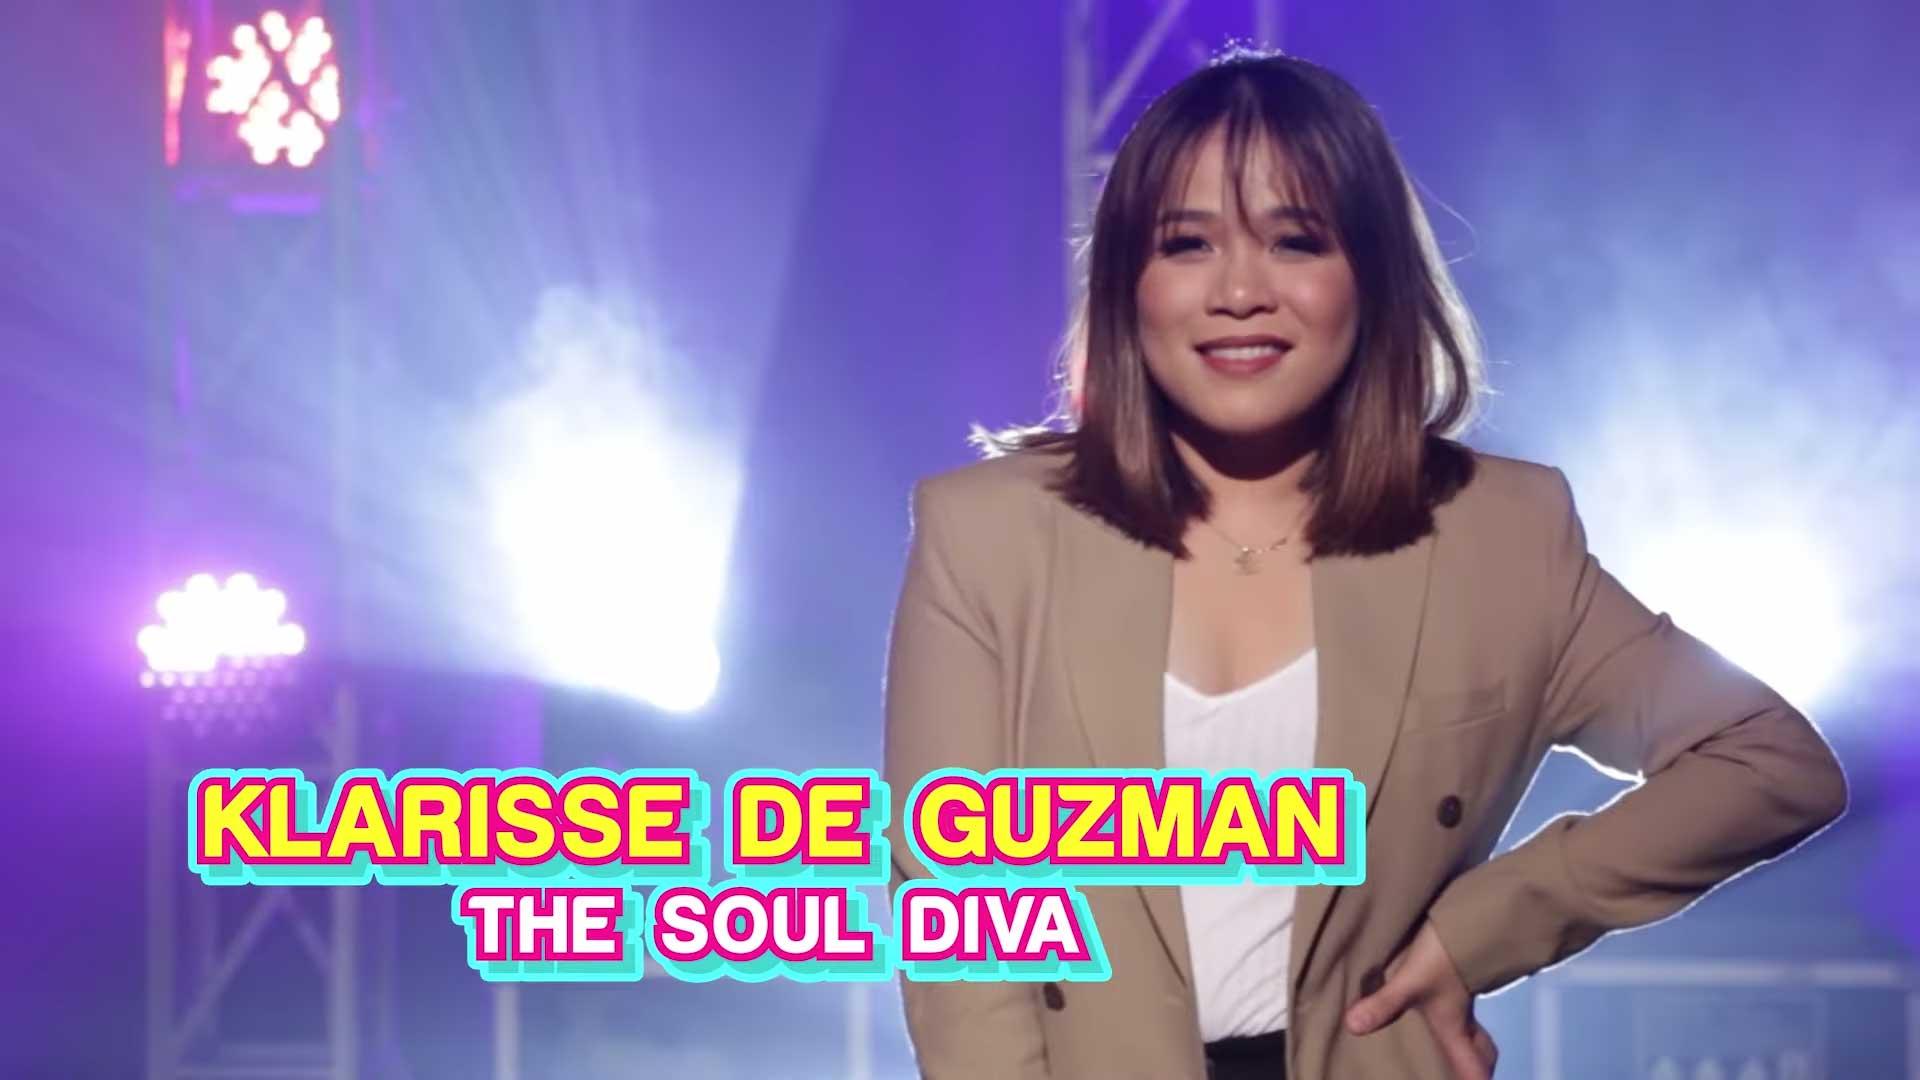 Your Face Sounds Familiar celebrity finalist Klarisse de Guzman